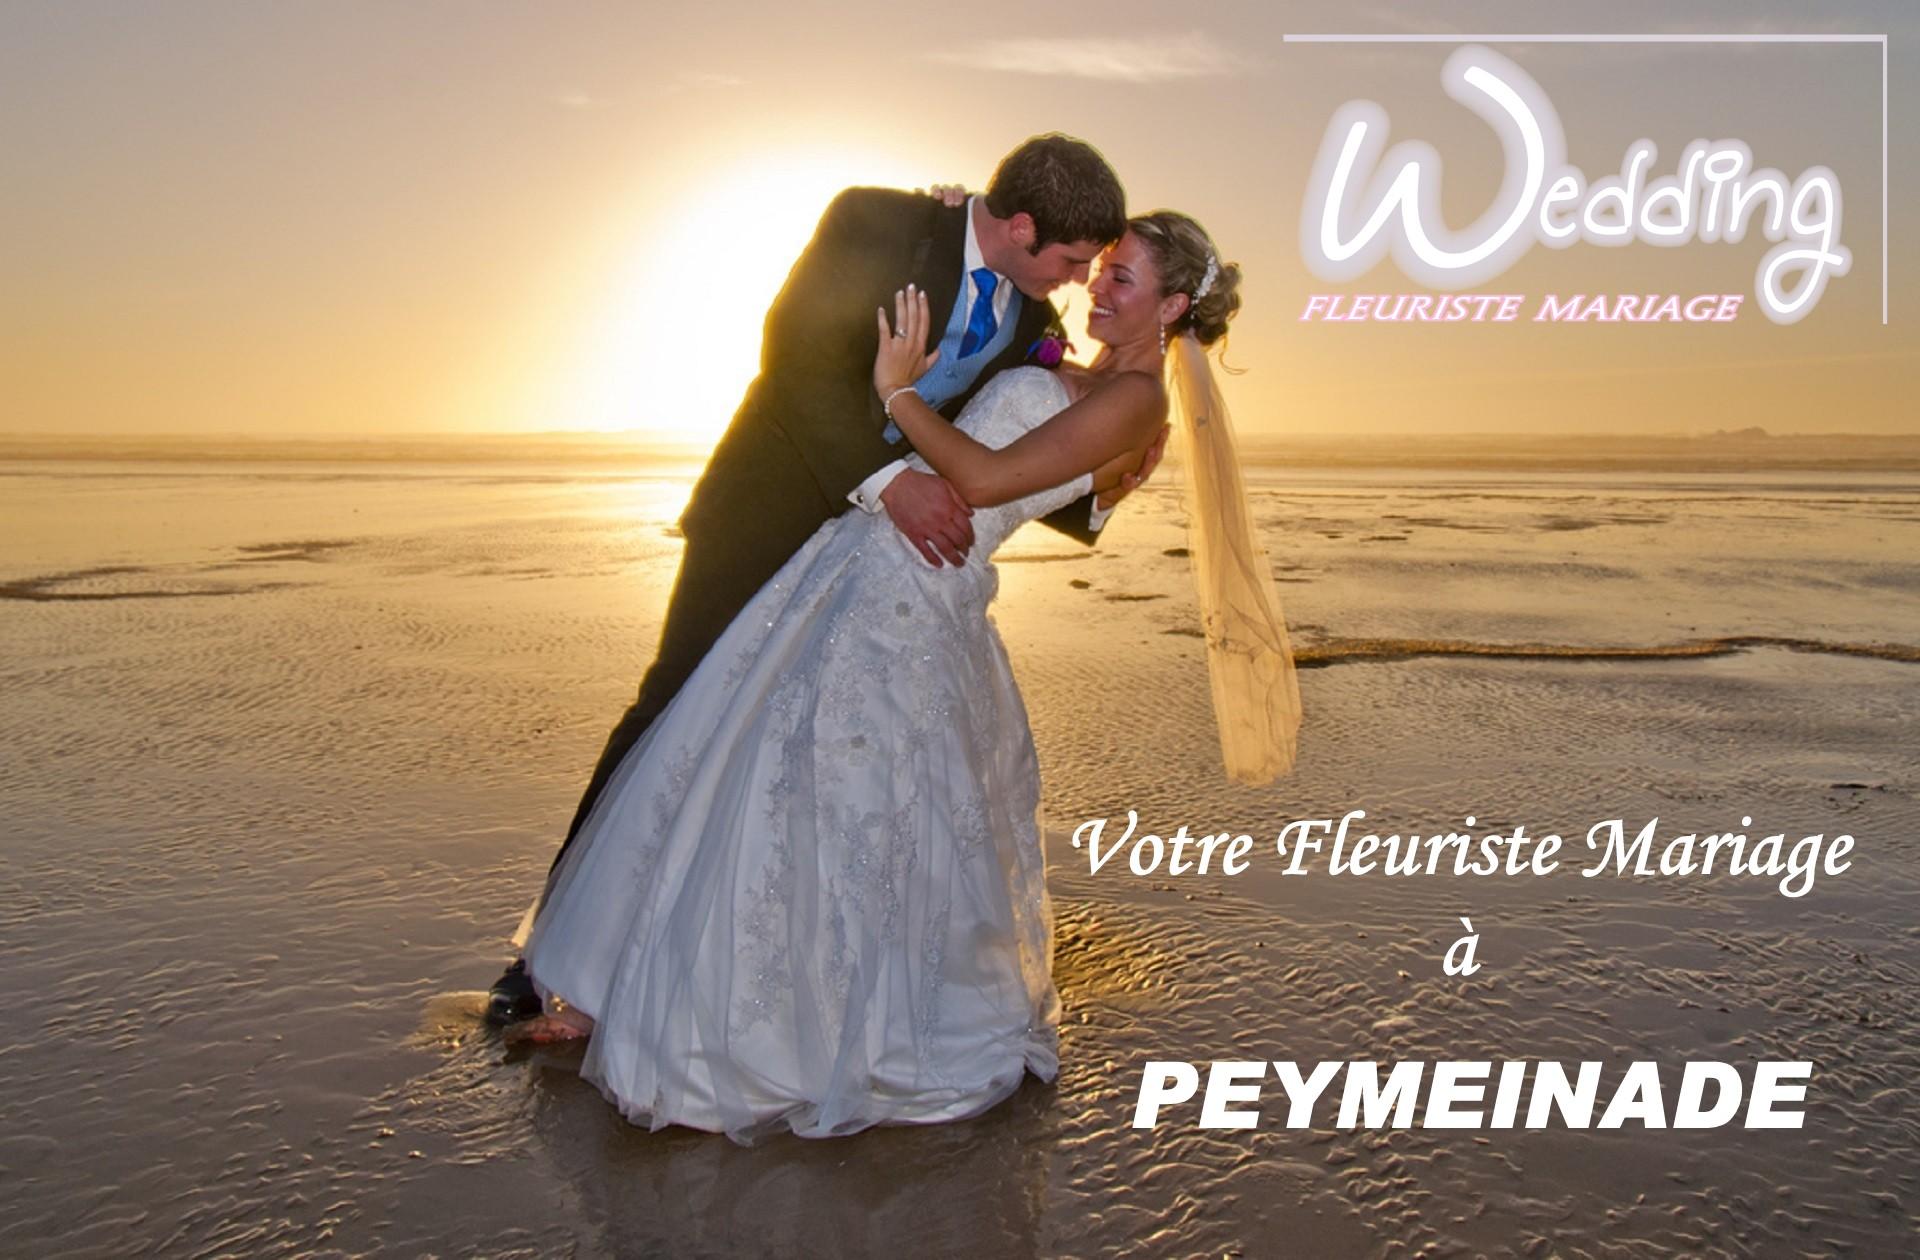 FLEURISTE MARIAGE PEYMEINADE - WEDDING PLANNER PEYMEINADE - TRAITEUR PEYMEINADE